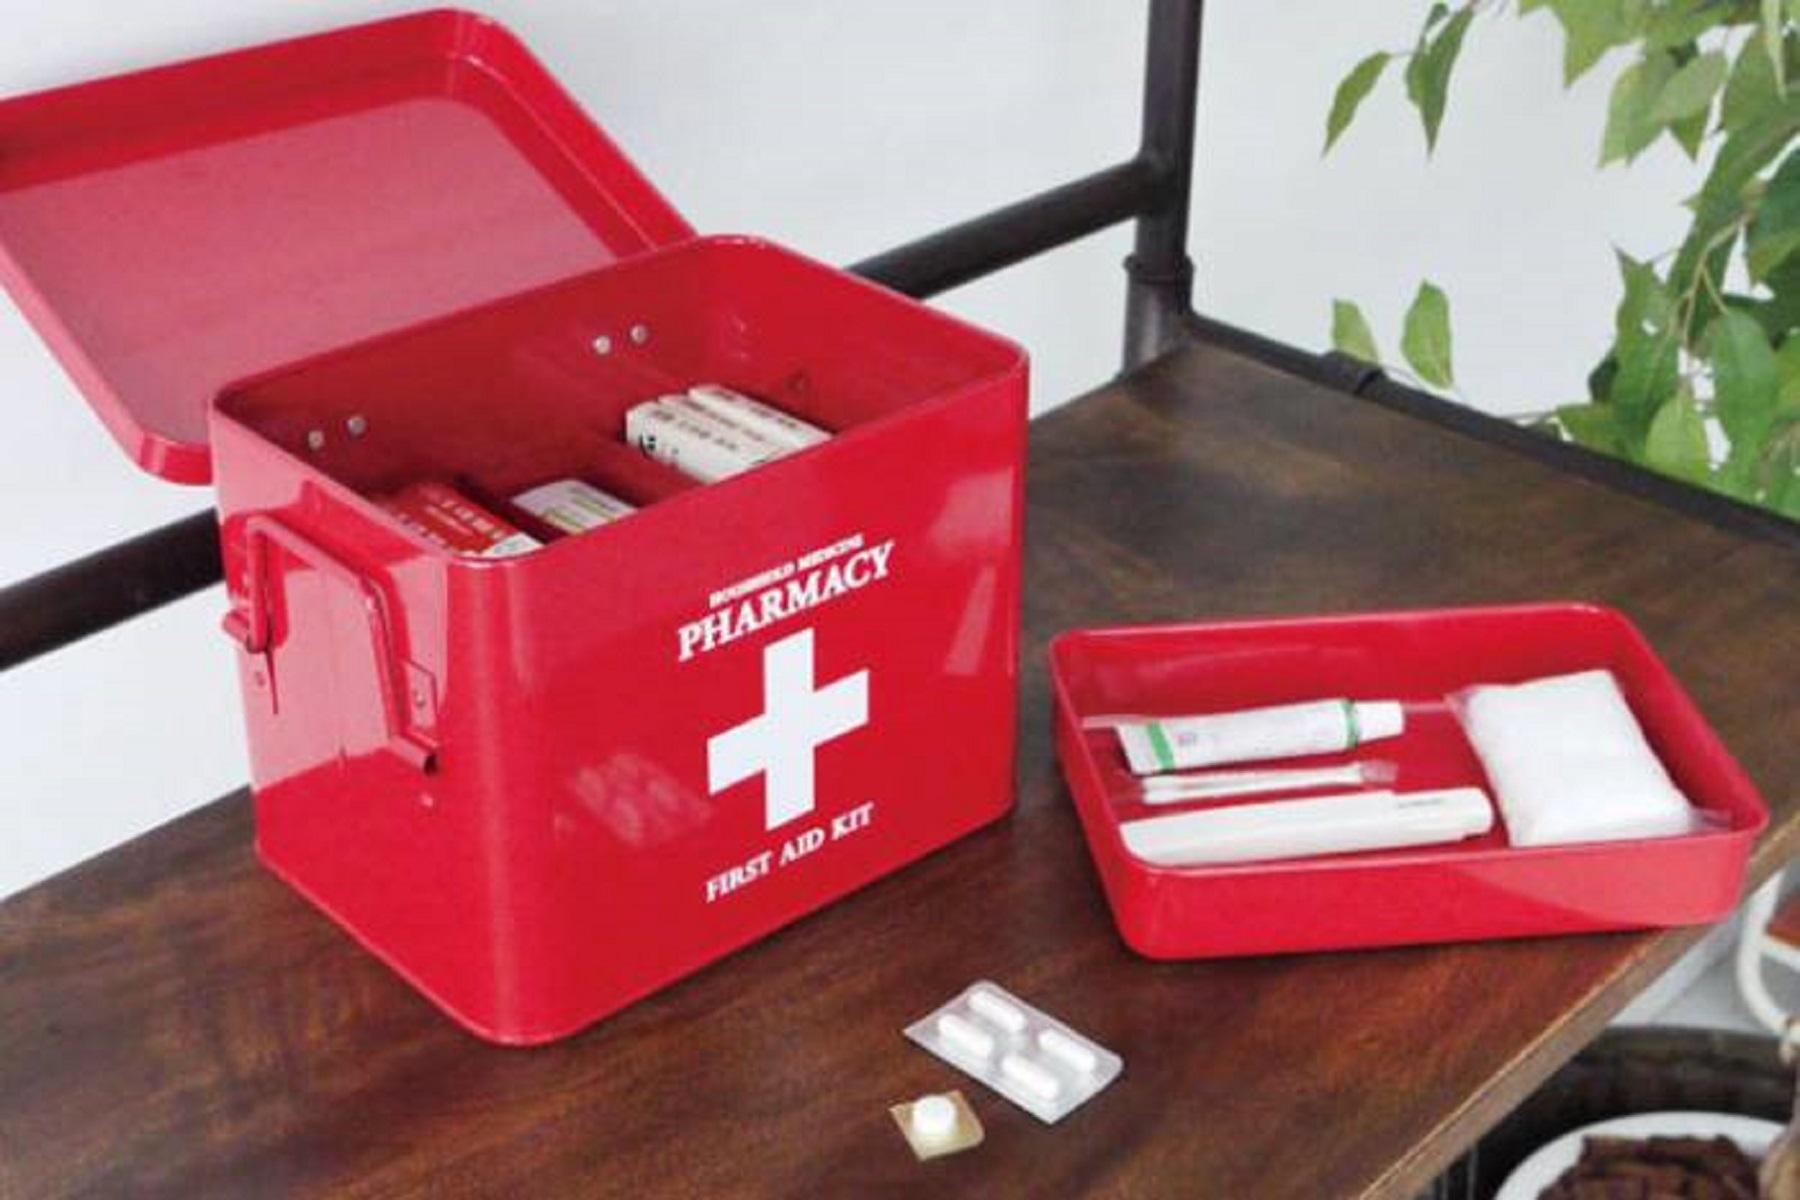 Φαρμακείο Παιδικό: Τι να περιέχει για τις πρώτες βοήθειες στο σπίτι